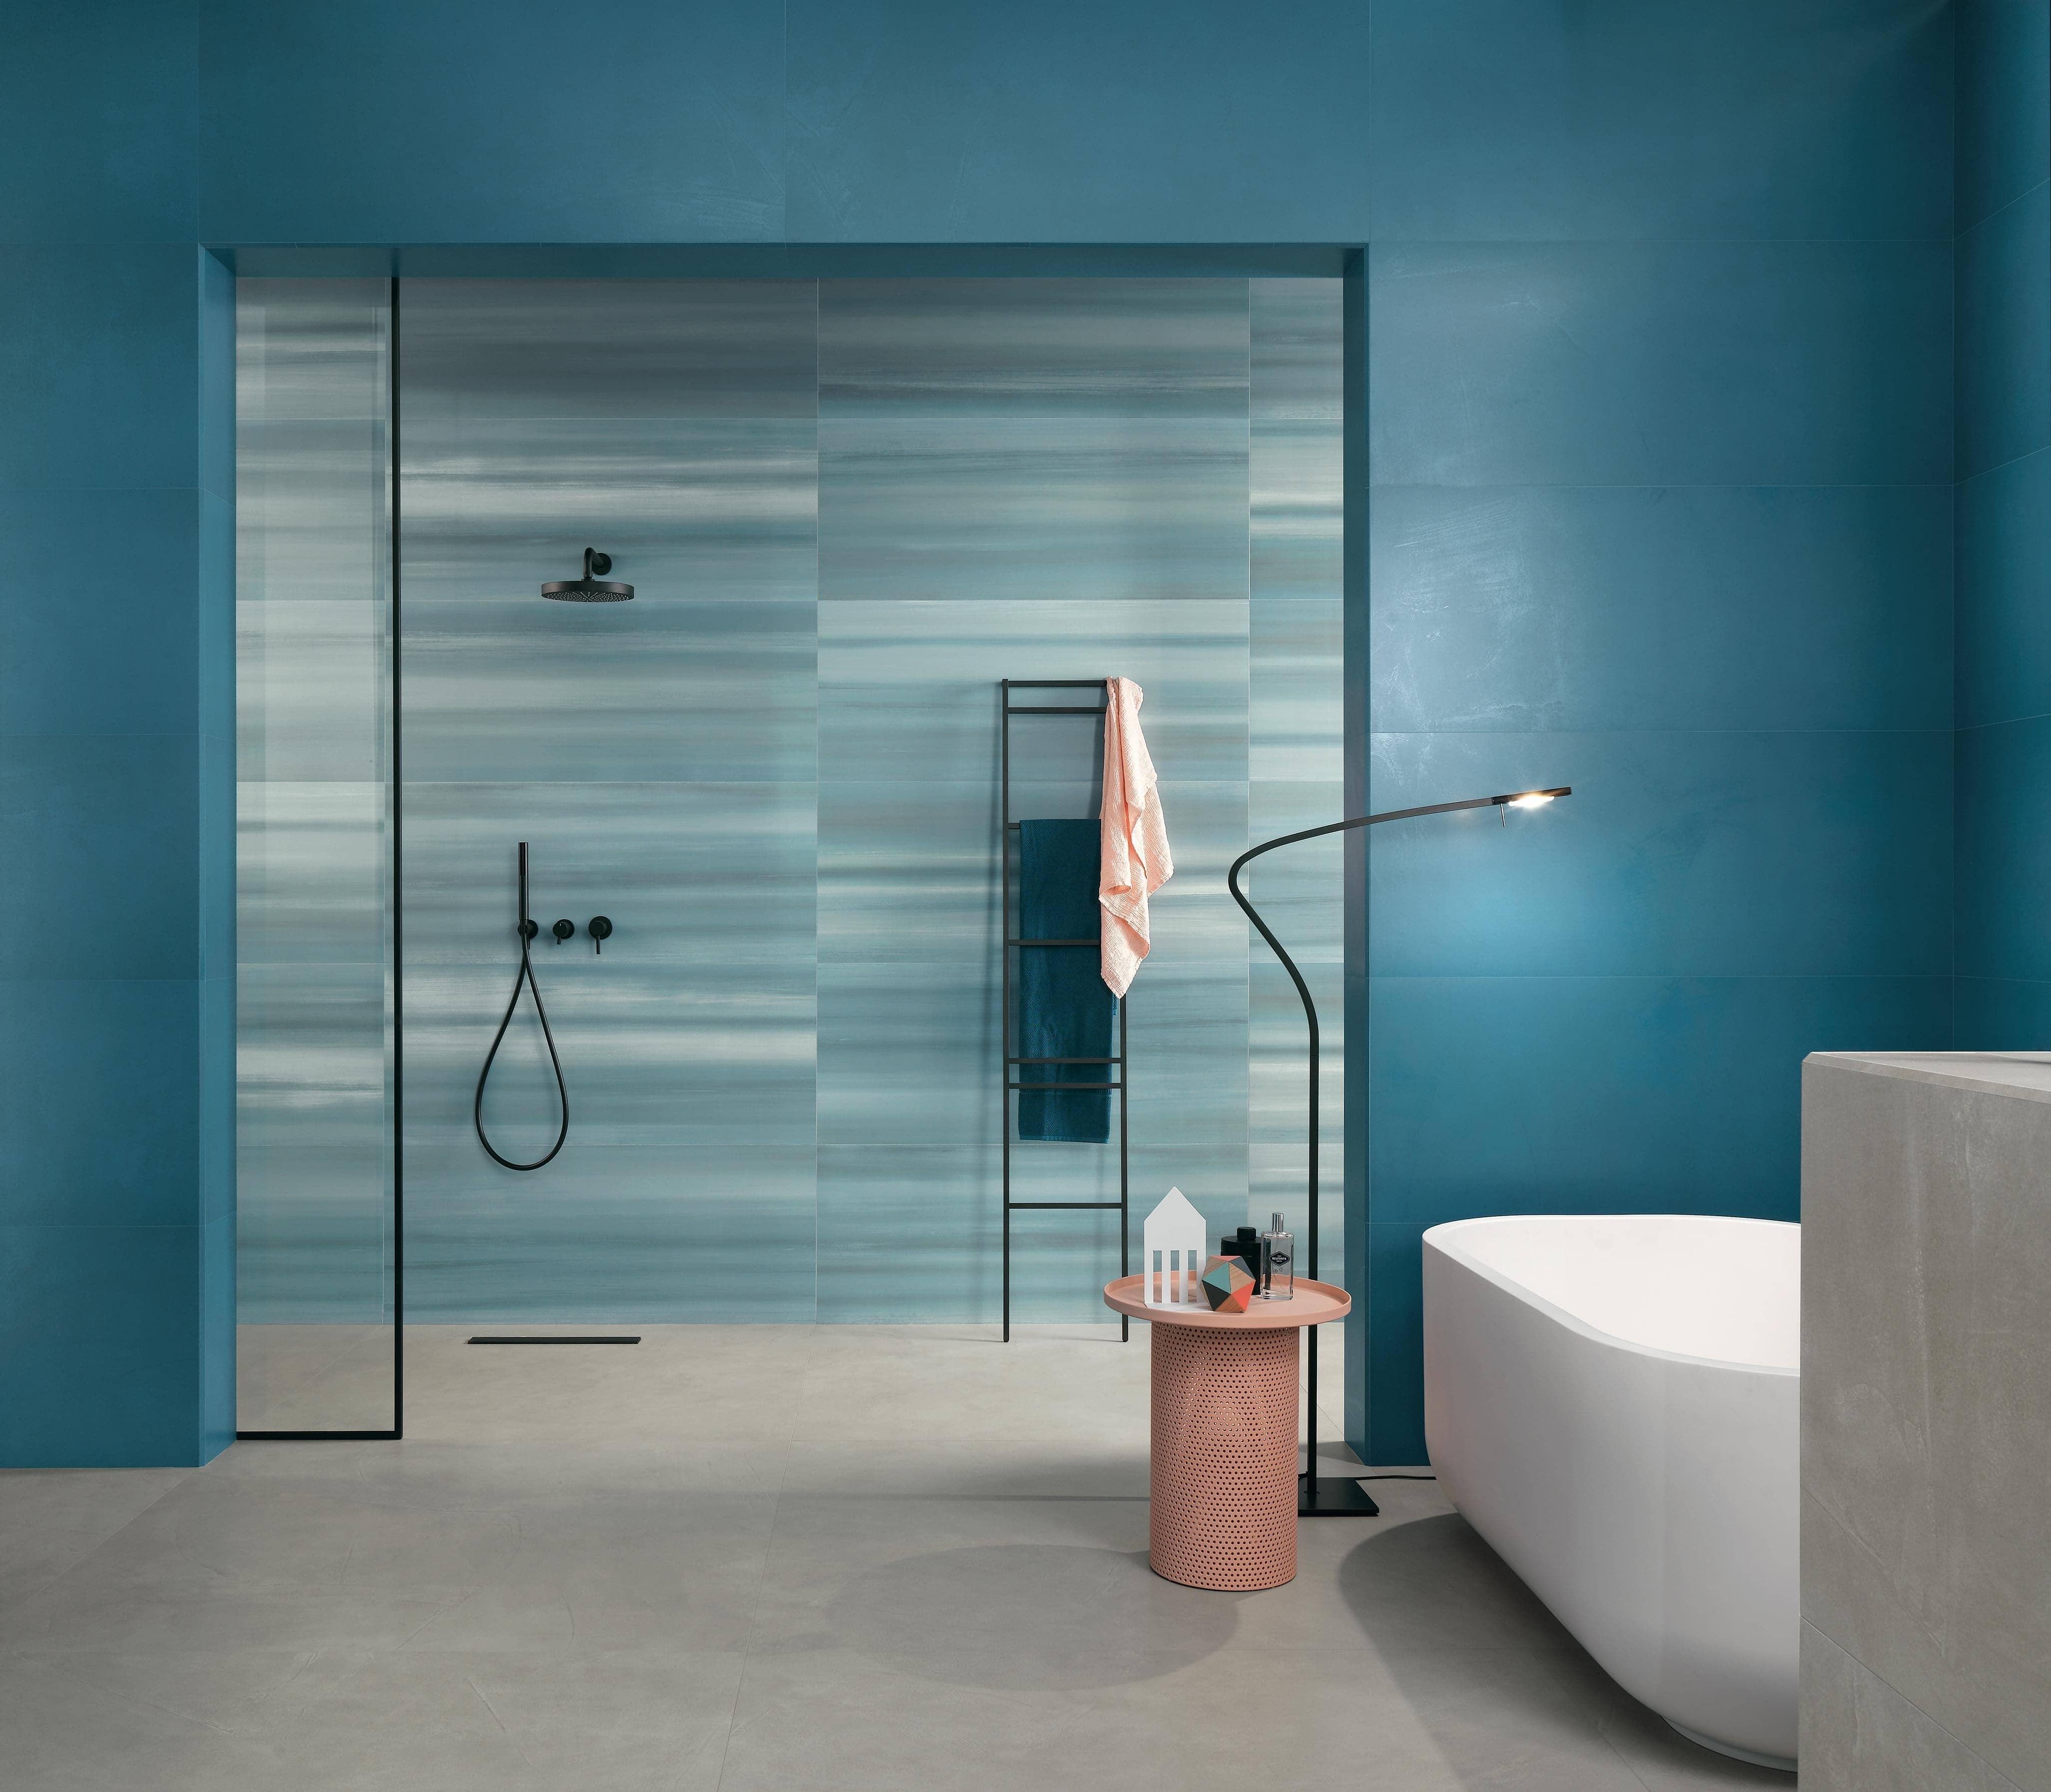 Koupelna v pastelových barvách. Objevte kolekci Prism! slide 5